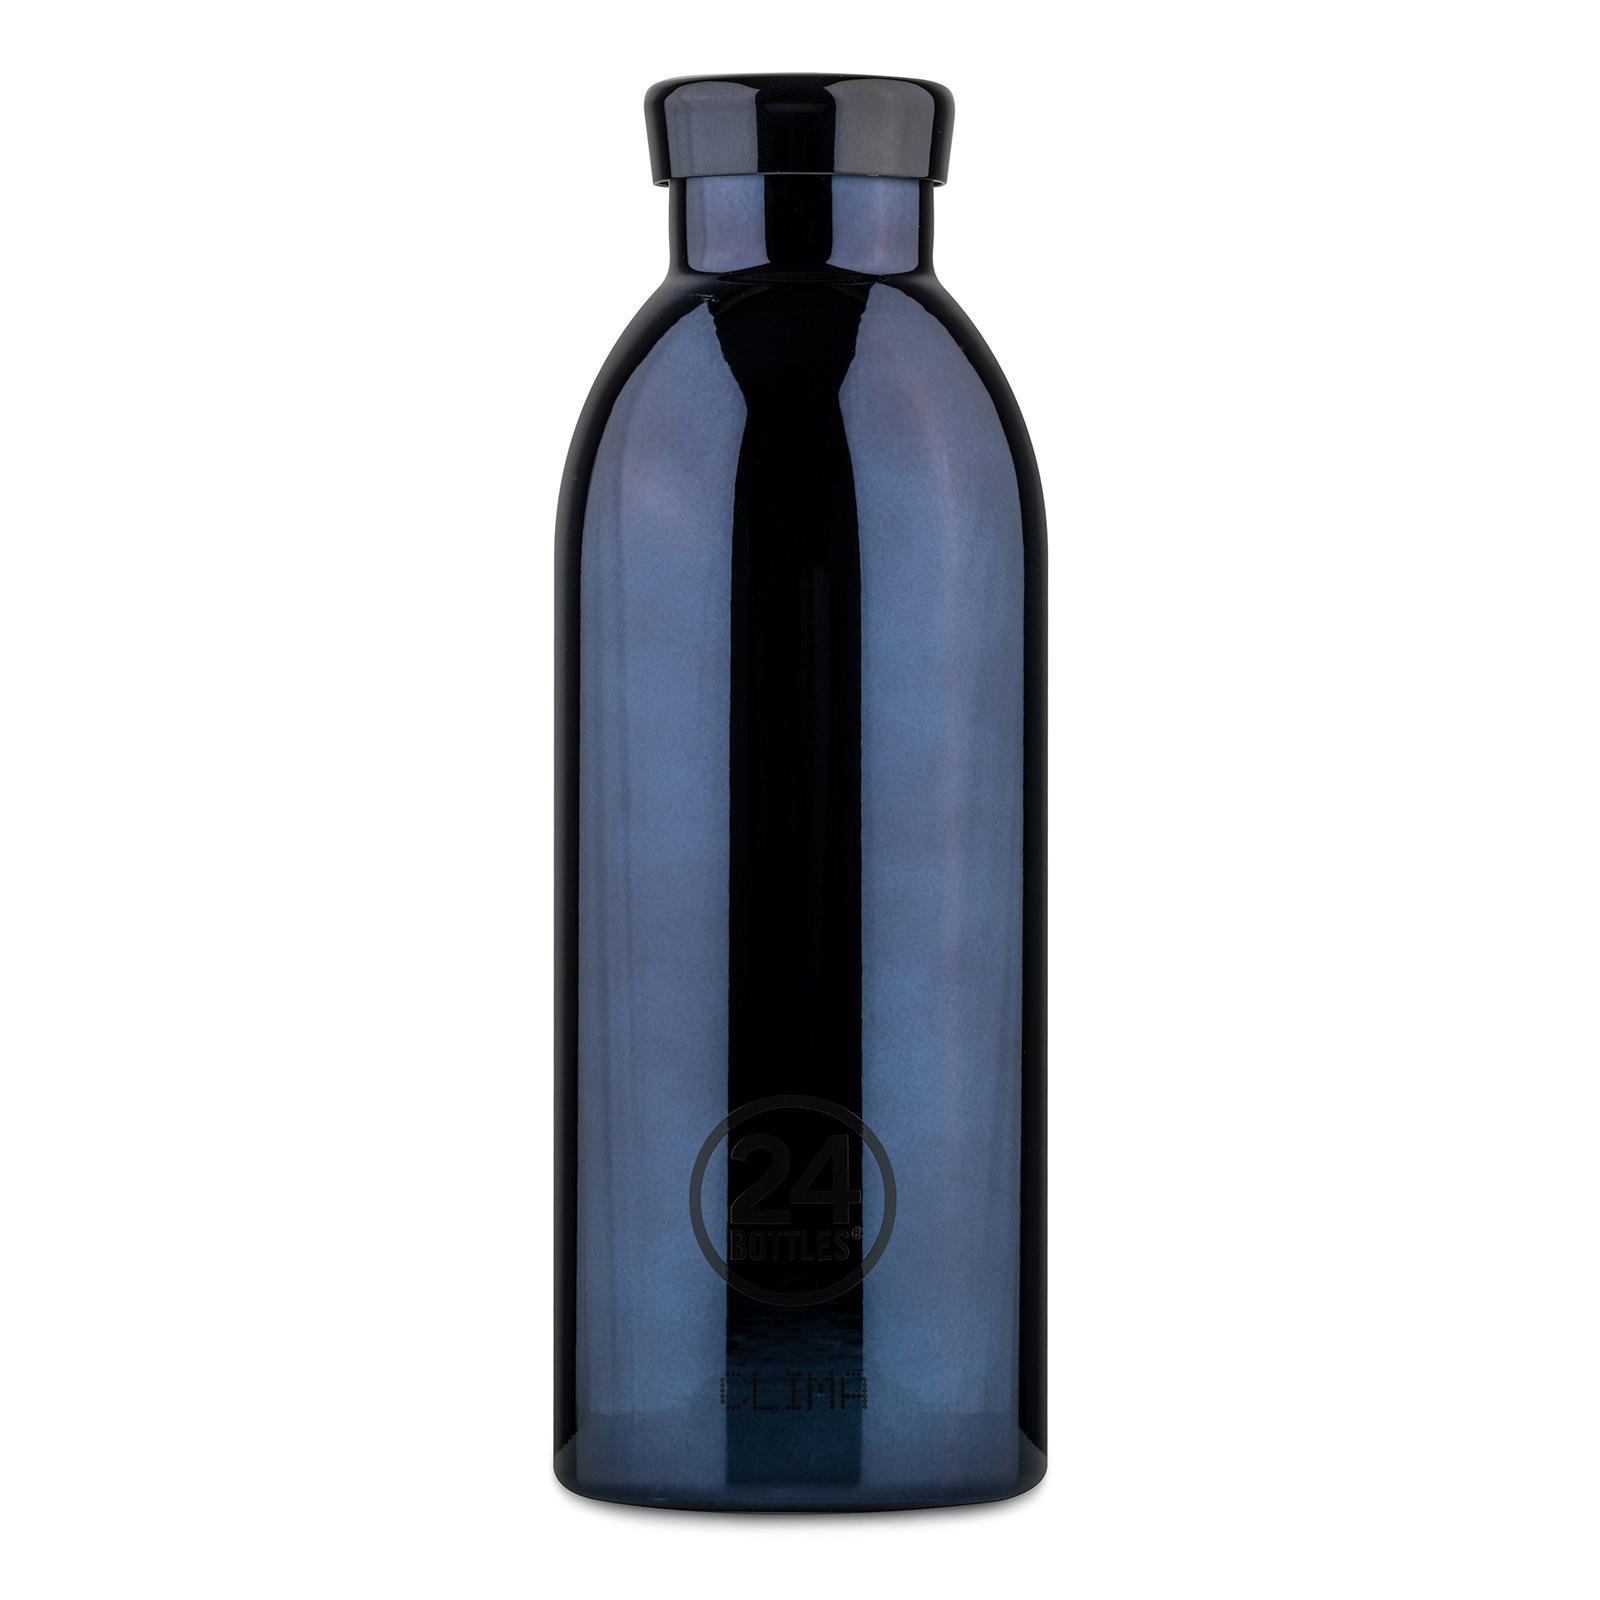 24Bottles Clima 500 ml Trinkflasche, Farbe: schwarz glänzend poliert